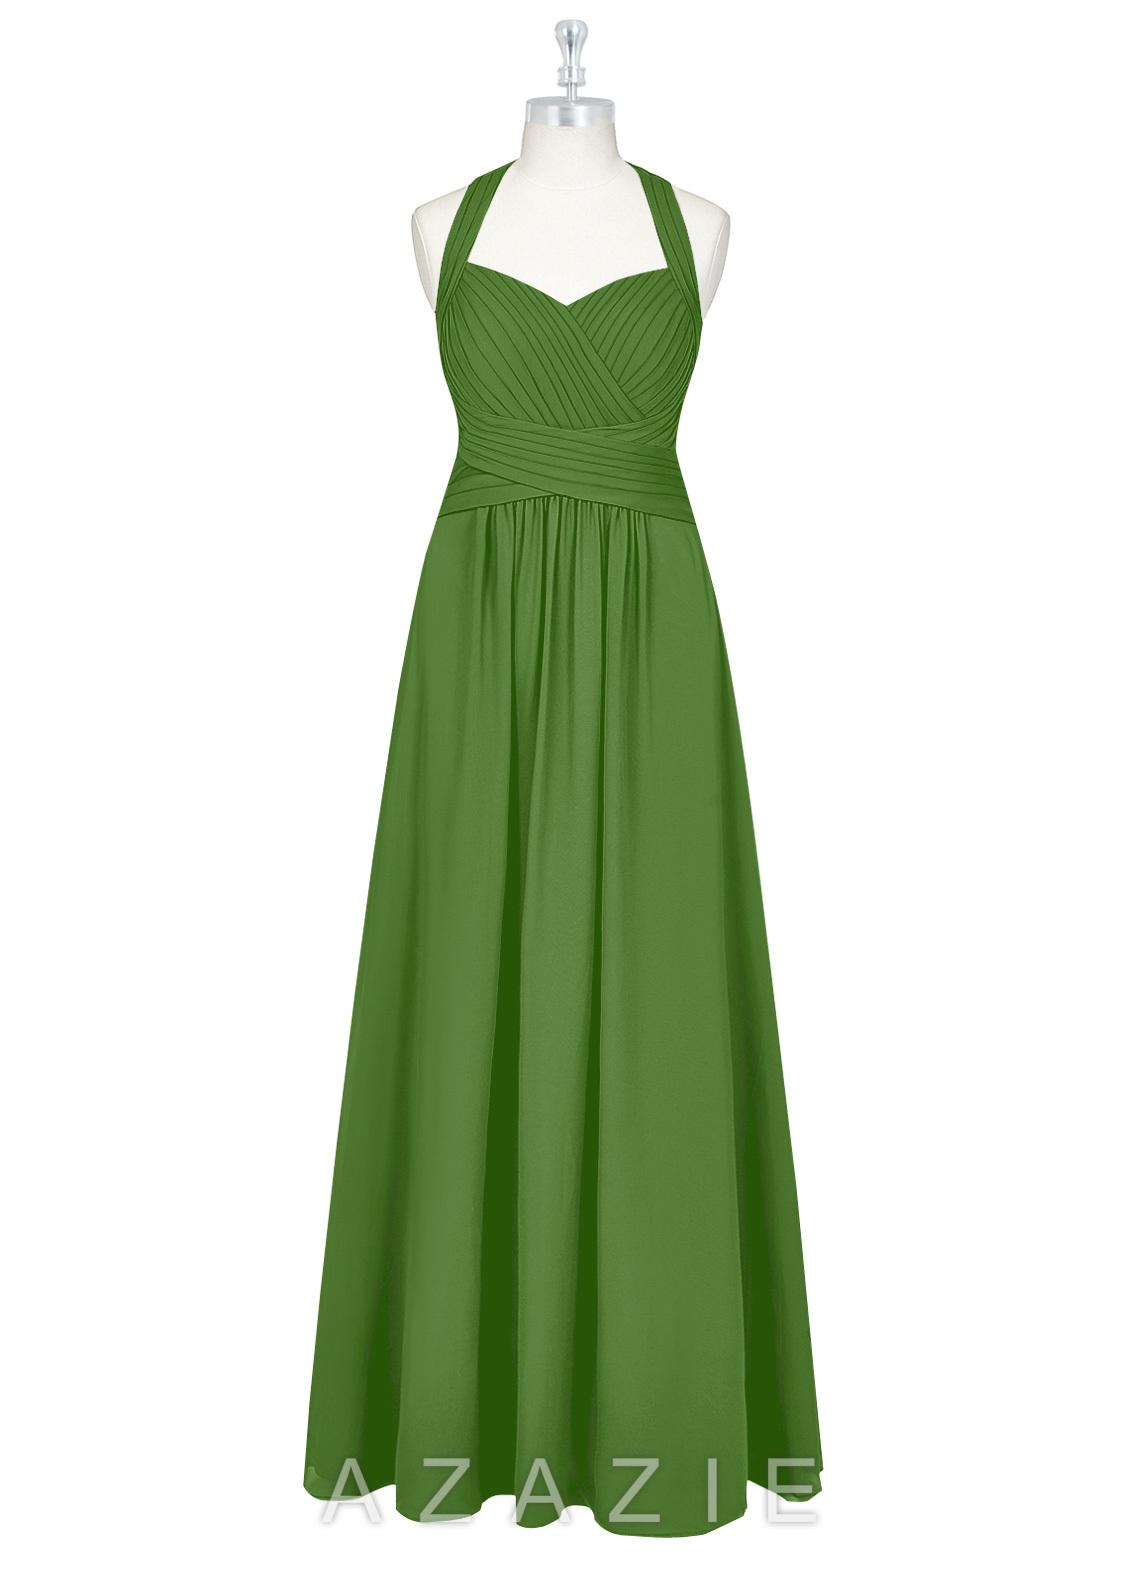 Azazie Claudia Bridesmaid Dresses bf50bfa62da3